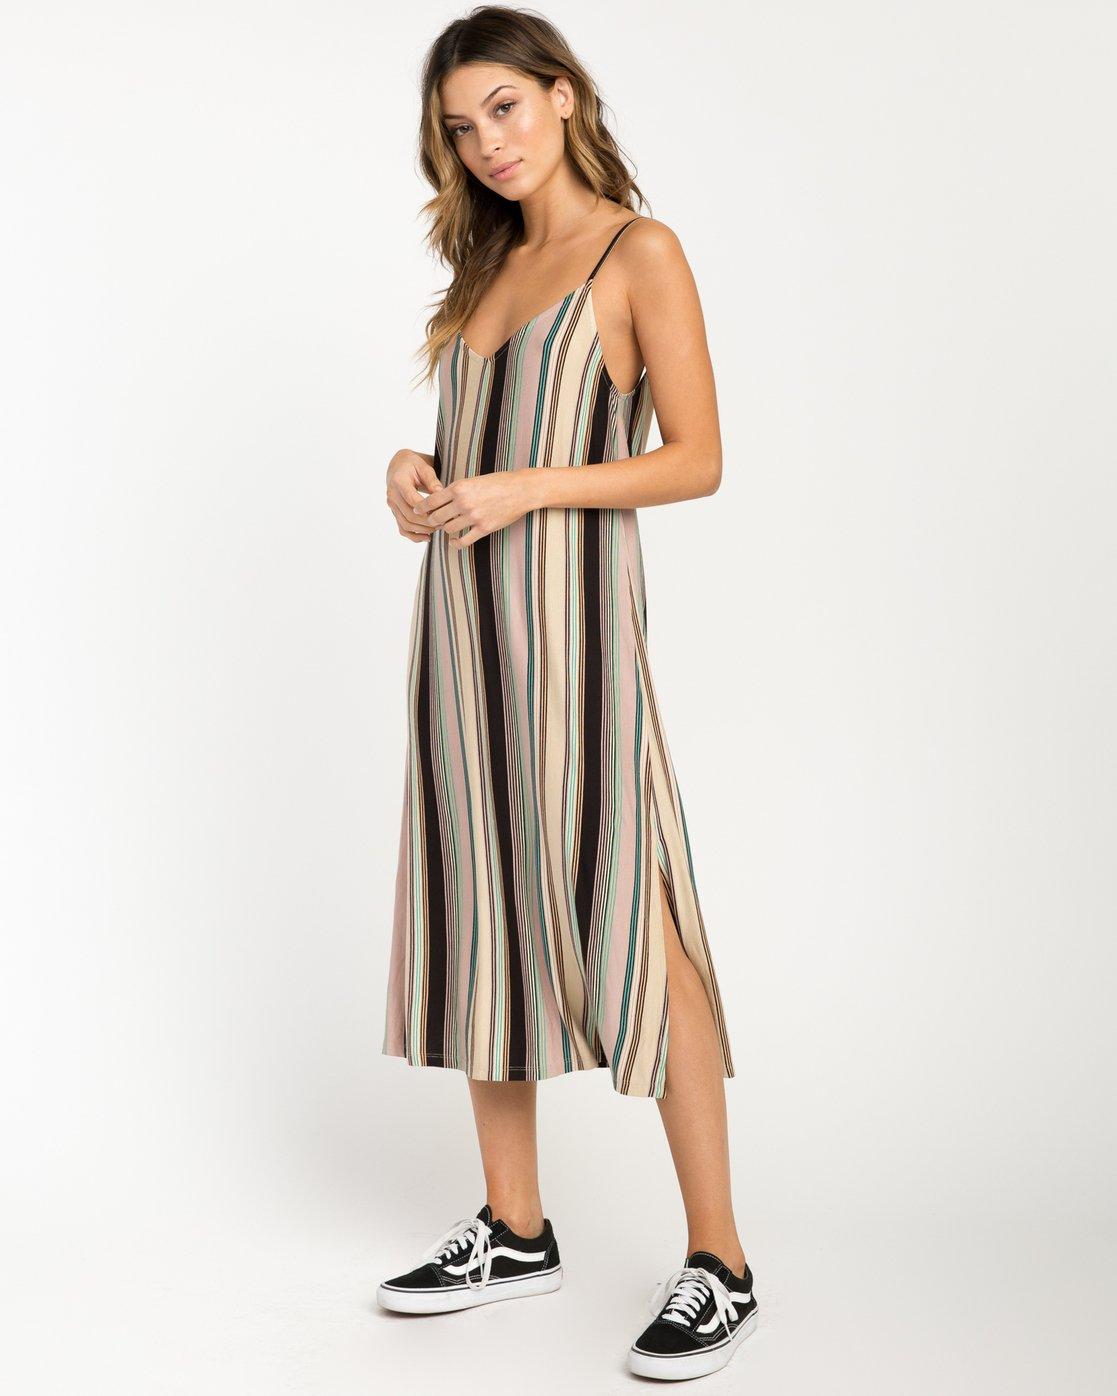 0 Jasmine Striped Midi Dress Beige WD08PRJA RVCA